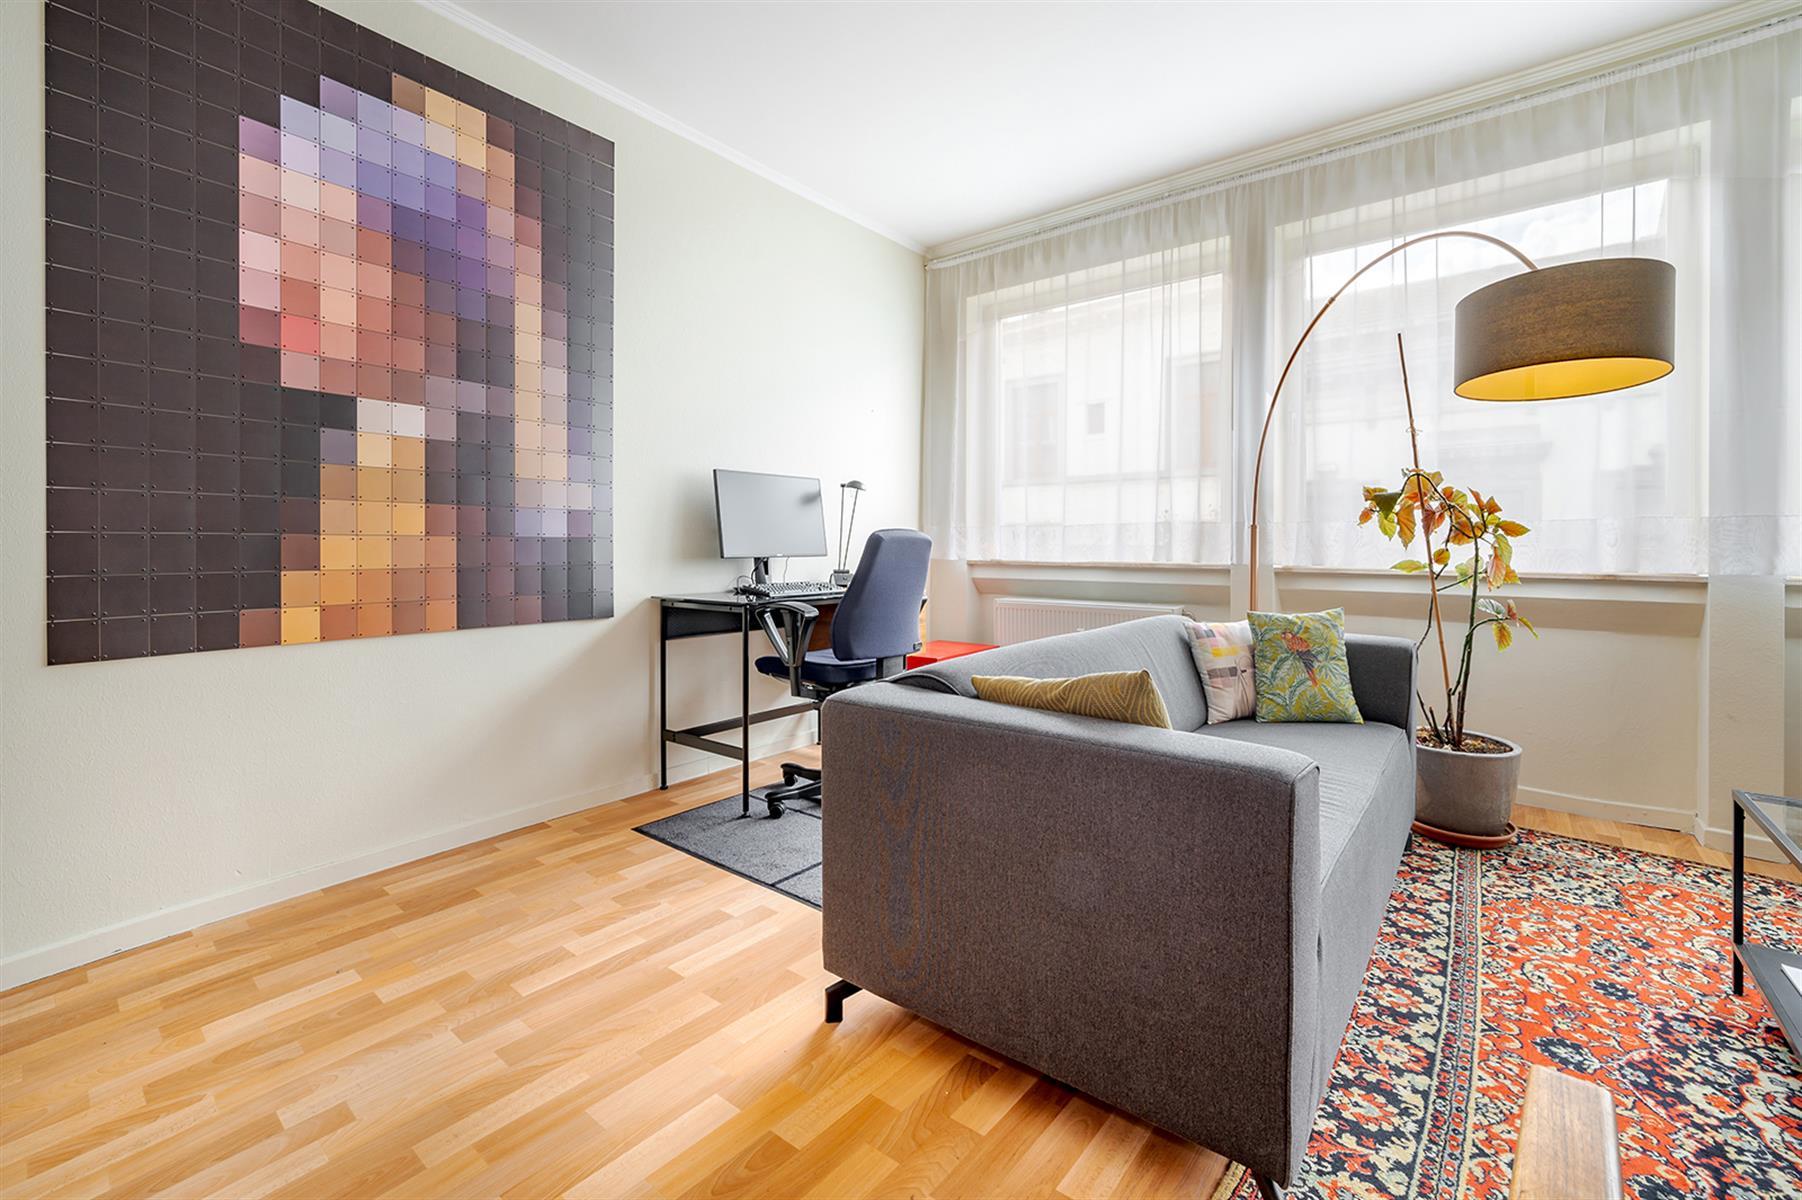 Appartement - Liege - #4374336-2